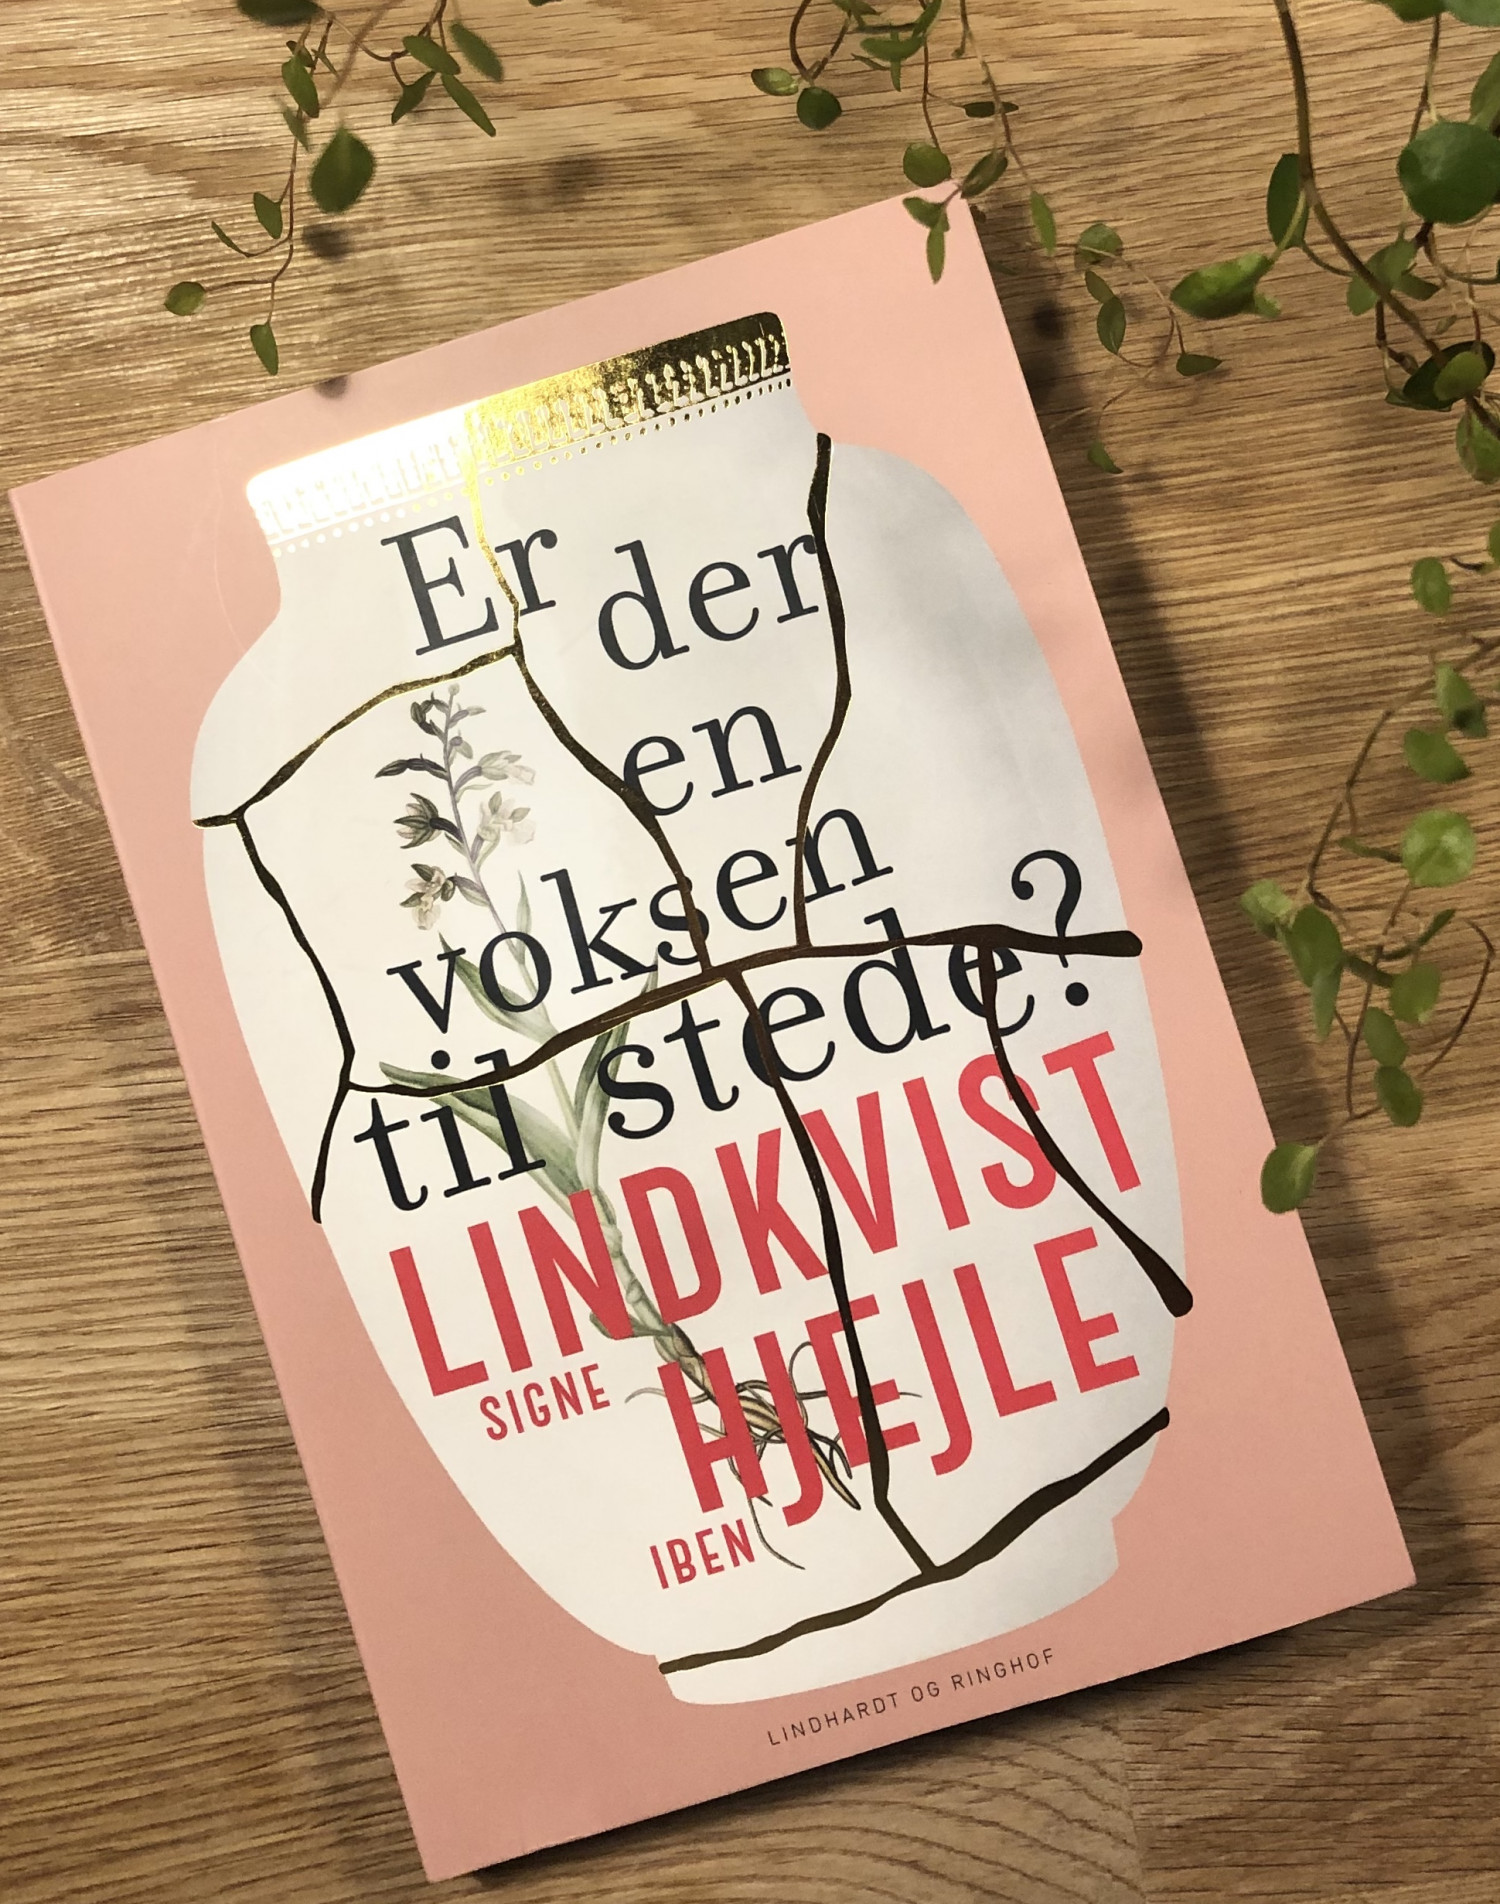 Er der en voksen tilstede, Signe Lindkvist og Iben Hjejle, anmeldelse af Er der en voksen tilstede?, Lindhardt og Ringhof, anmeldelse, boganmeldelse, bookreview, krummeskrummelurer, Krummes Krummelurer, krummeskrummelurer.dk, anmeldereksemplar,